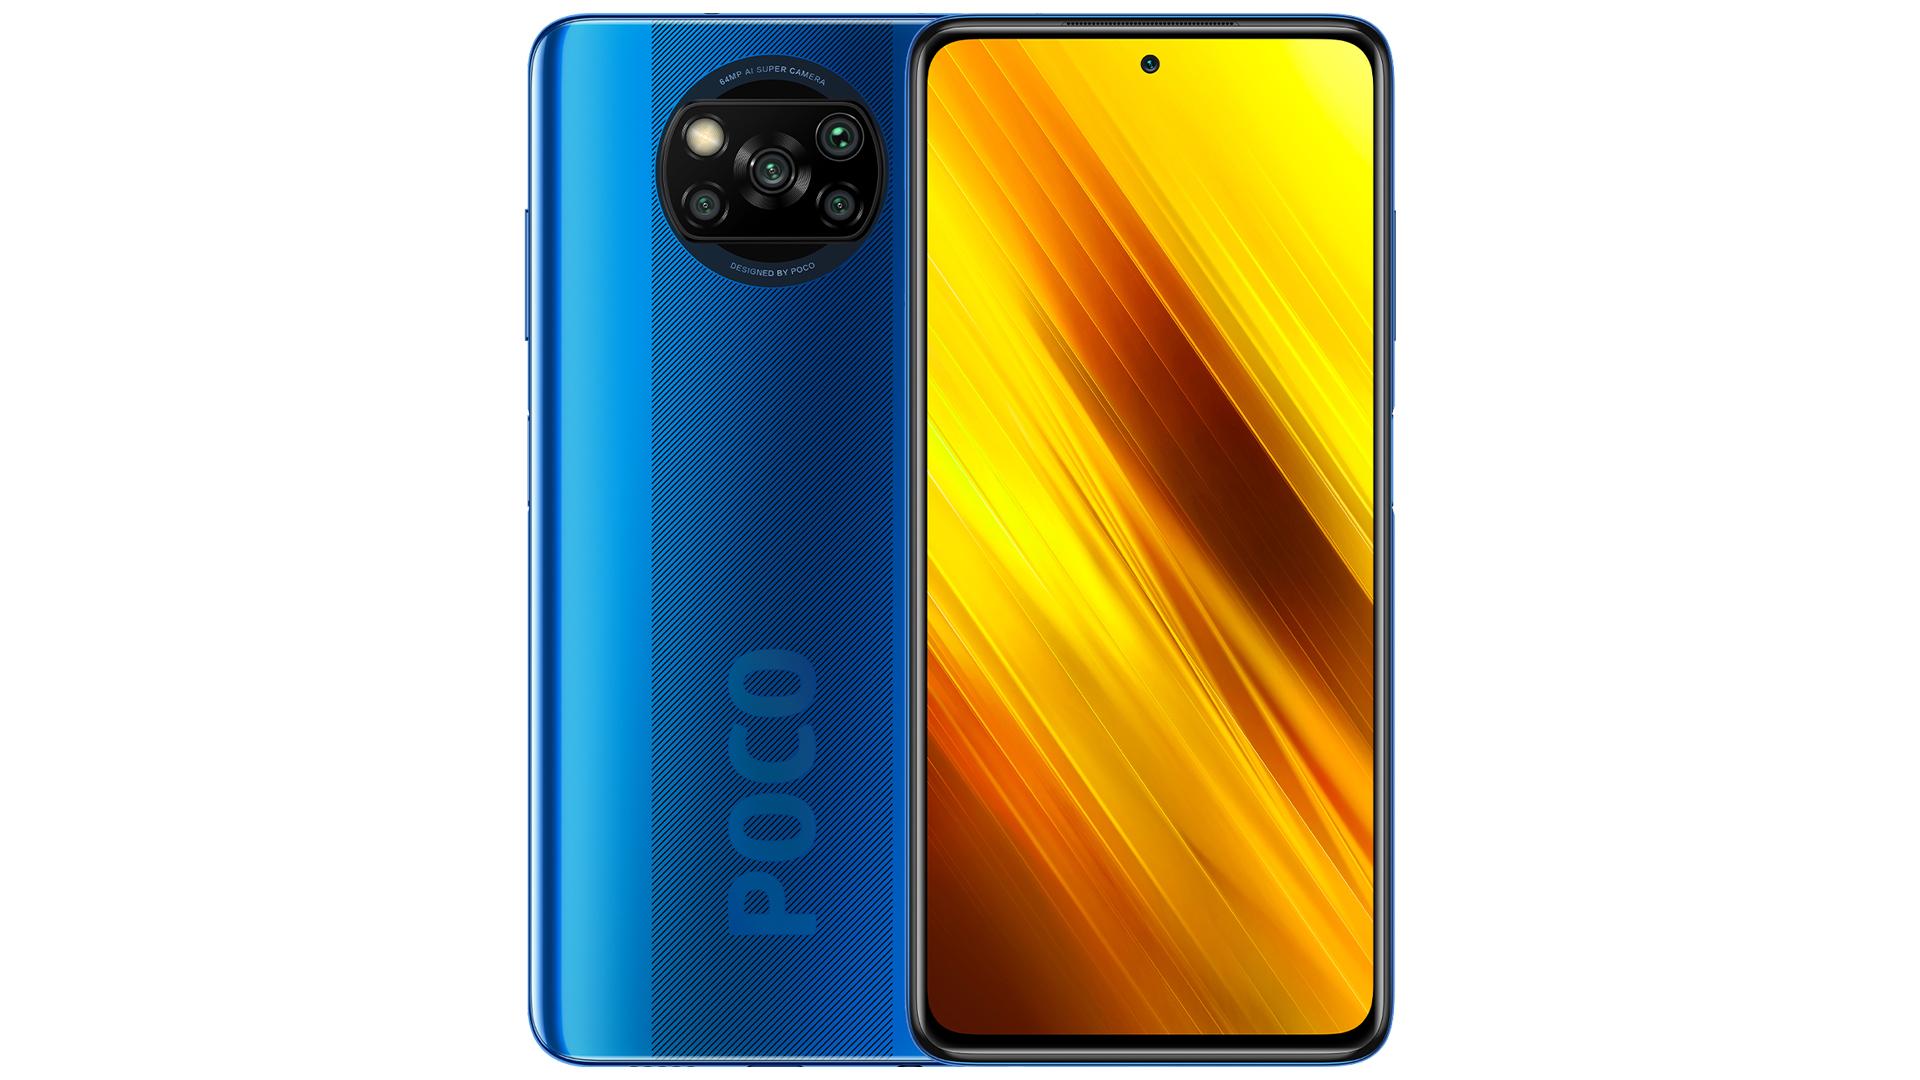 La version 128 Go du Xiaomi Poco X3 est déjà disponible avec 50 € de réduction